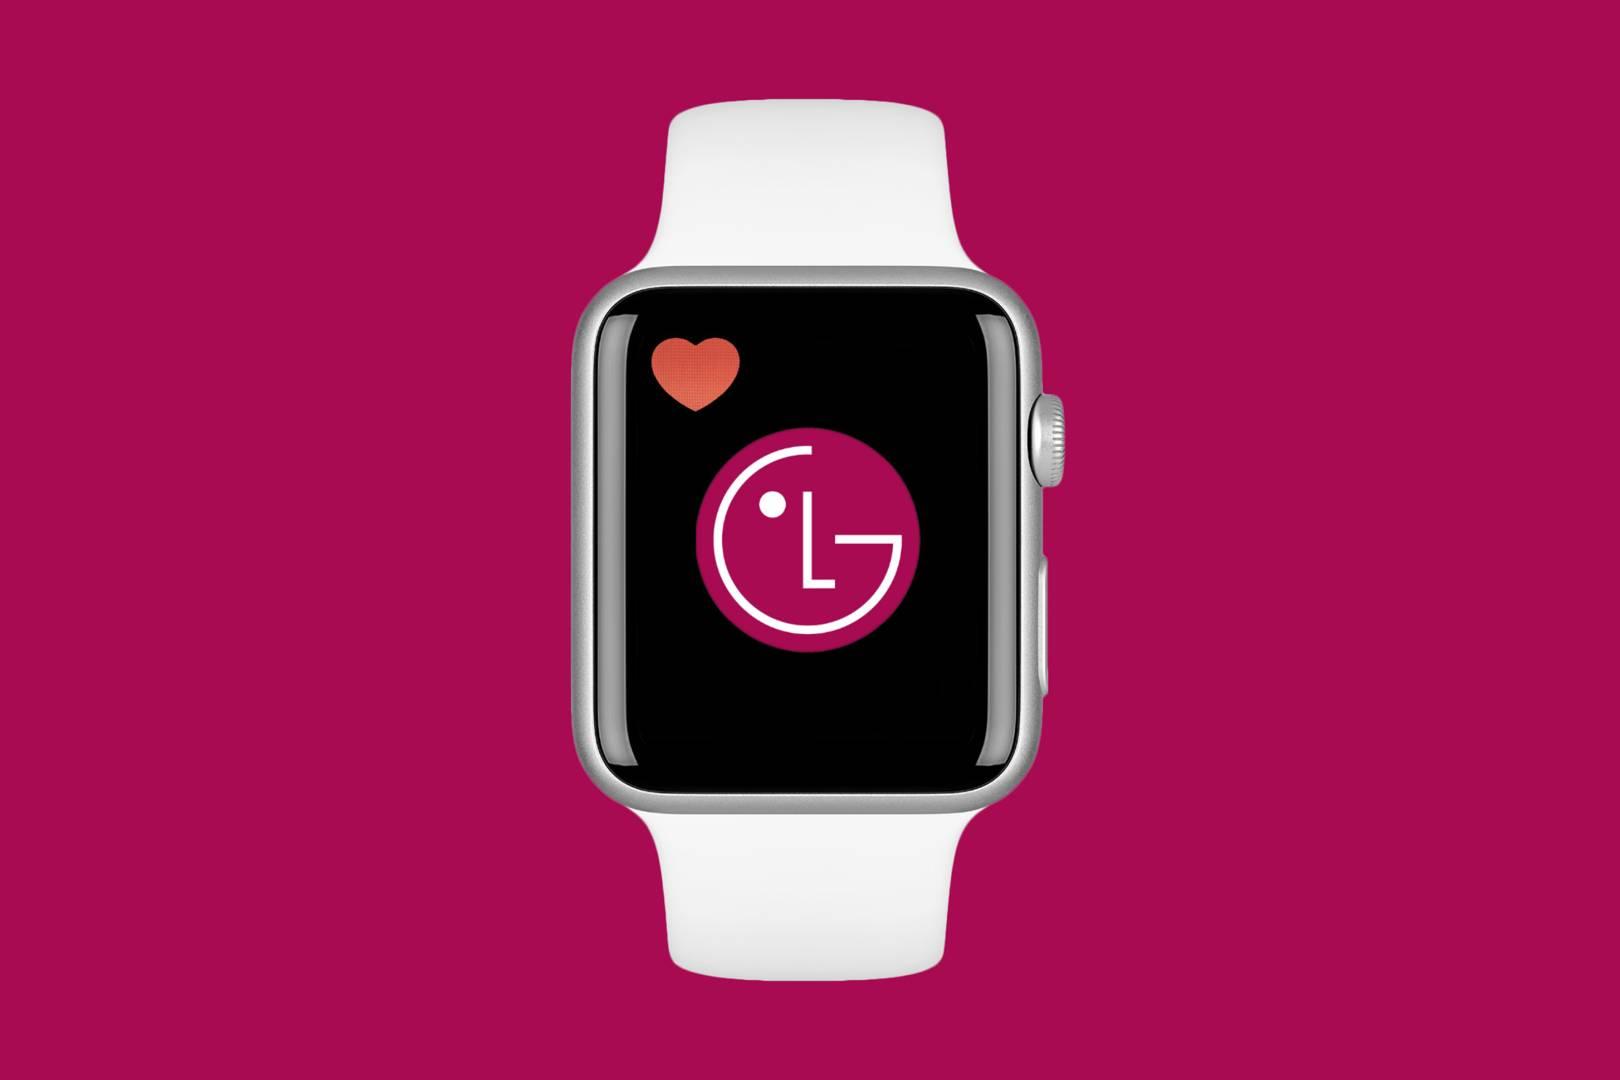 Kinh doanh thất bát, LG đóng cửa một nhà máy sản xuất màn OLED cho smartphone, smartwatch